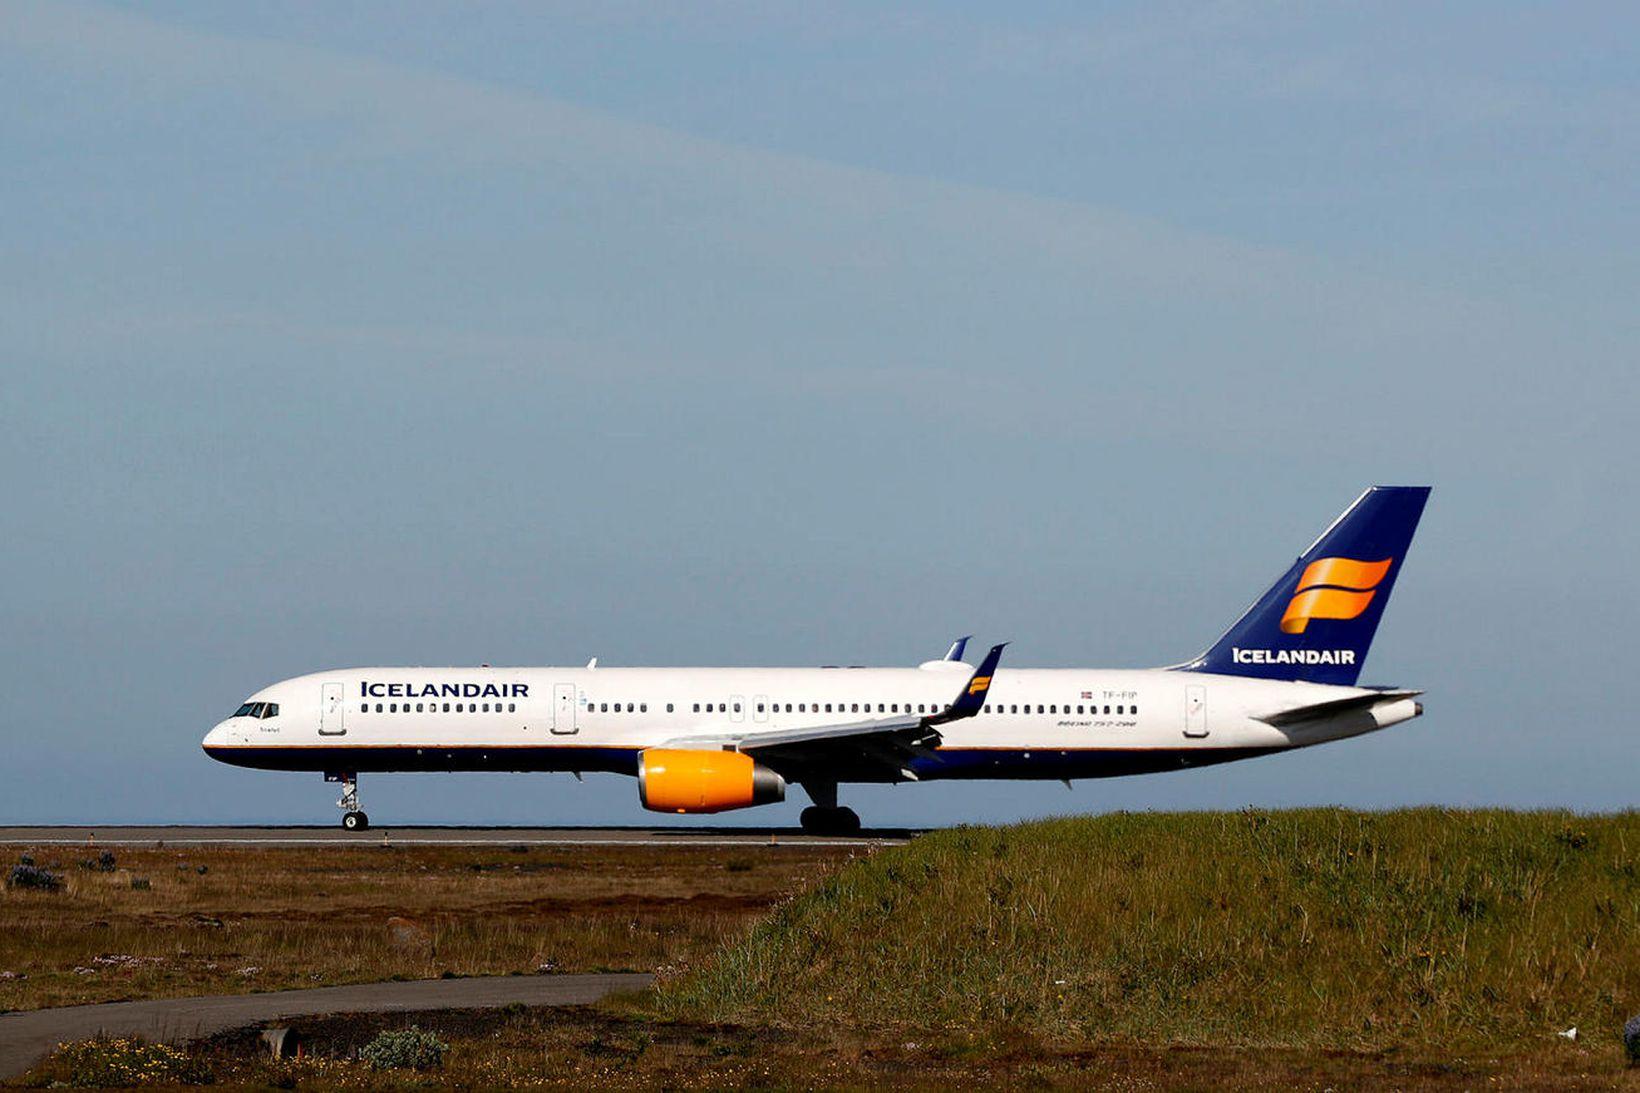 Breytingar hafa verið gerðar á flugvélum Icelandair í þeim tilgangi …